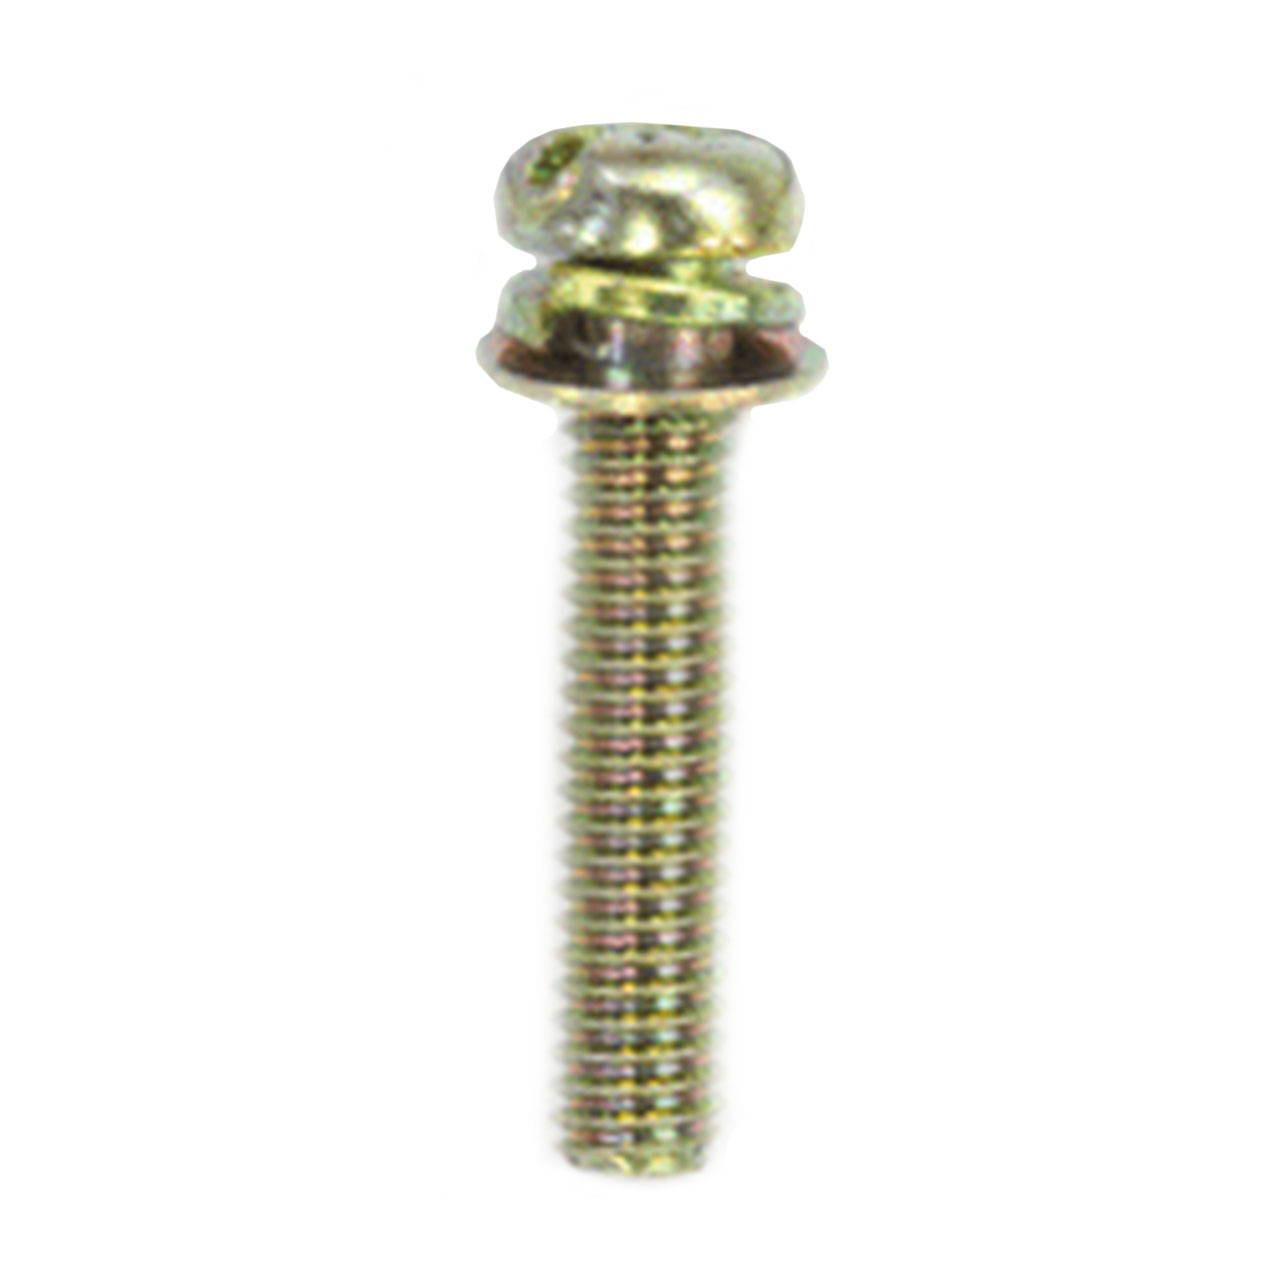 ECHO 90024204020 - SCREW 4 X 20 - Image 1